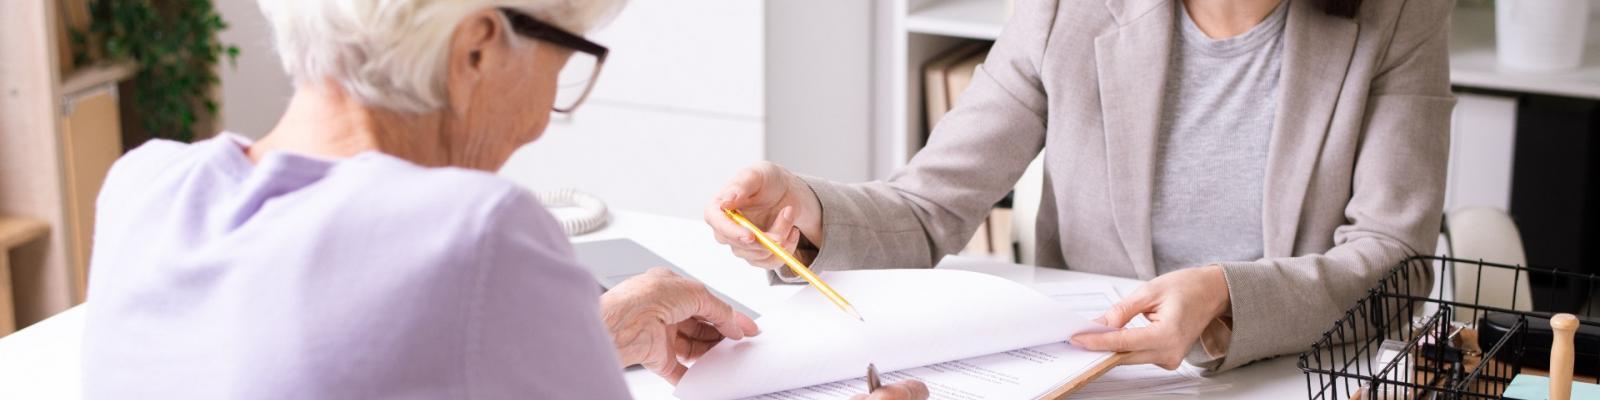 Module 3.2 examen verzekeringsbemiddeling: leven algemeen deel 2